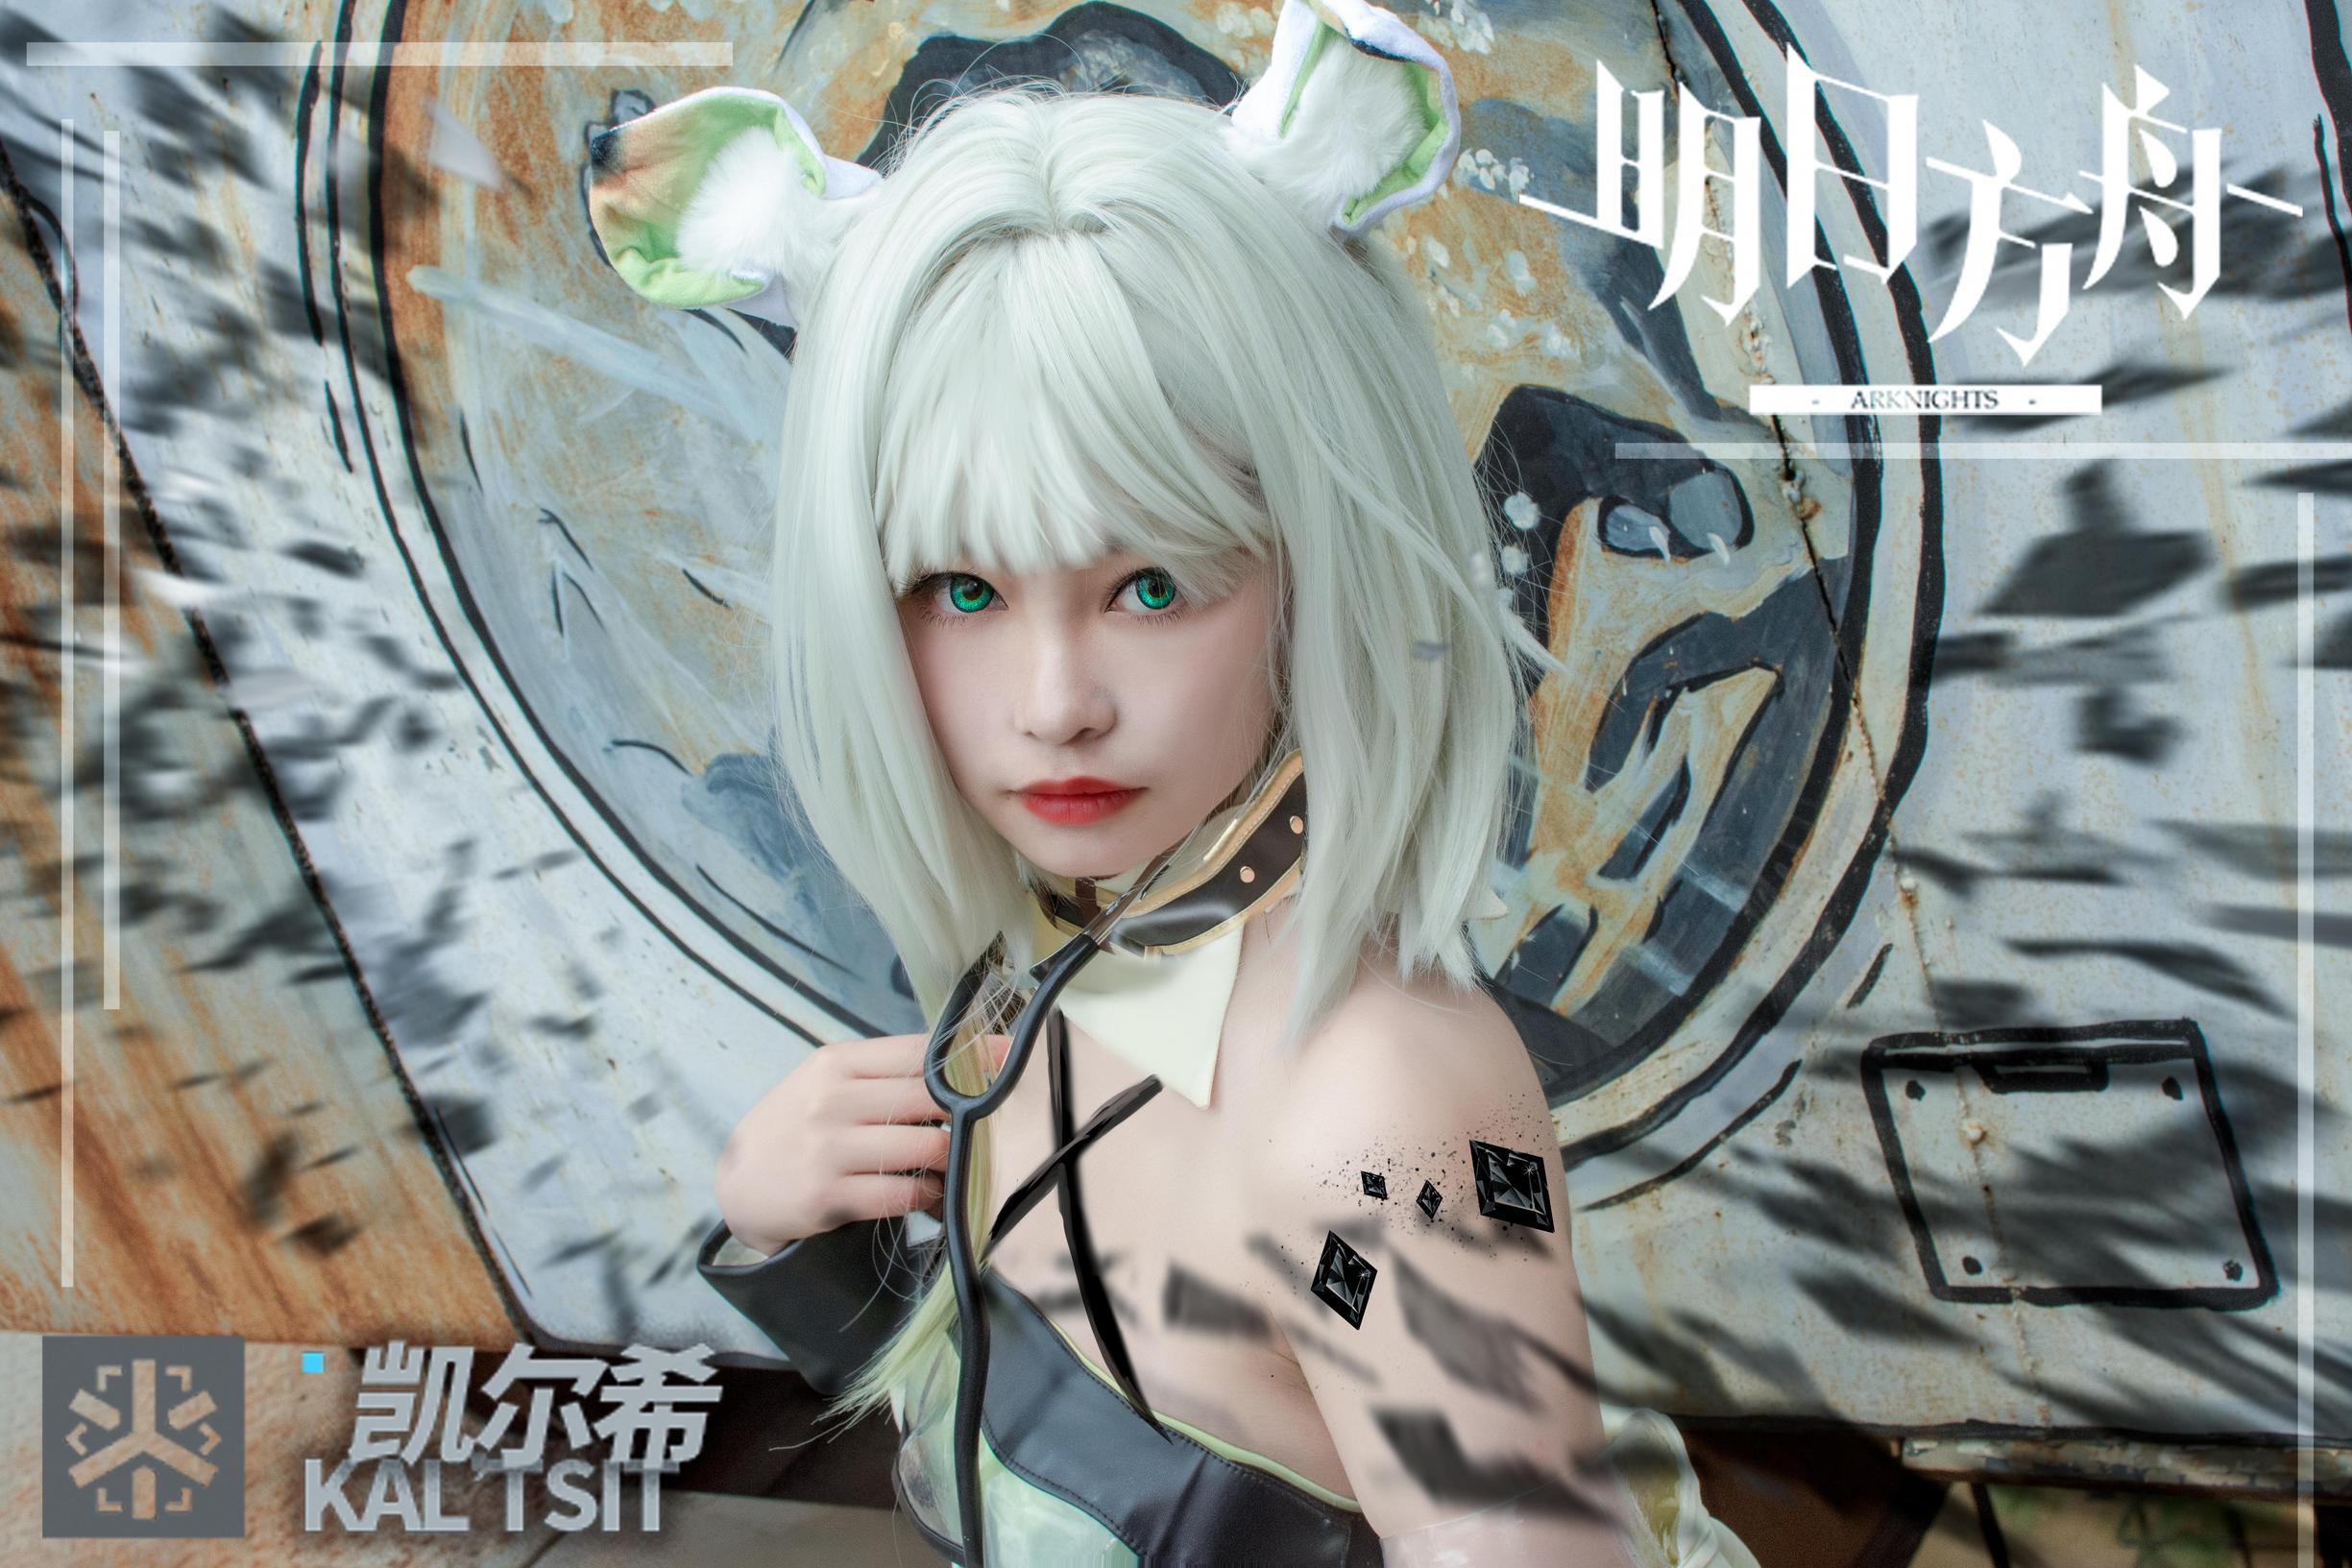 《明日方舟》明日方舟凯尔希cosplay【CN:祁茵】-第5张